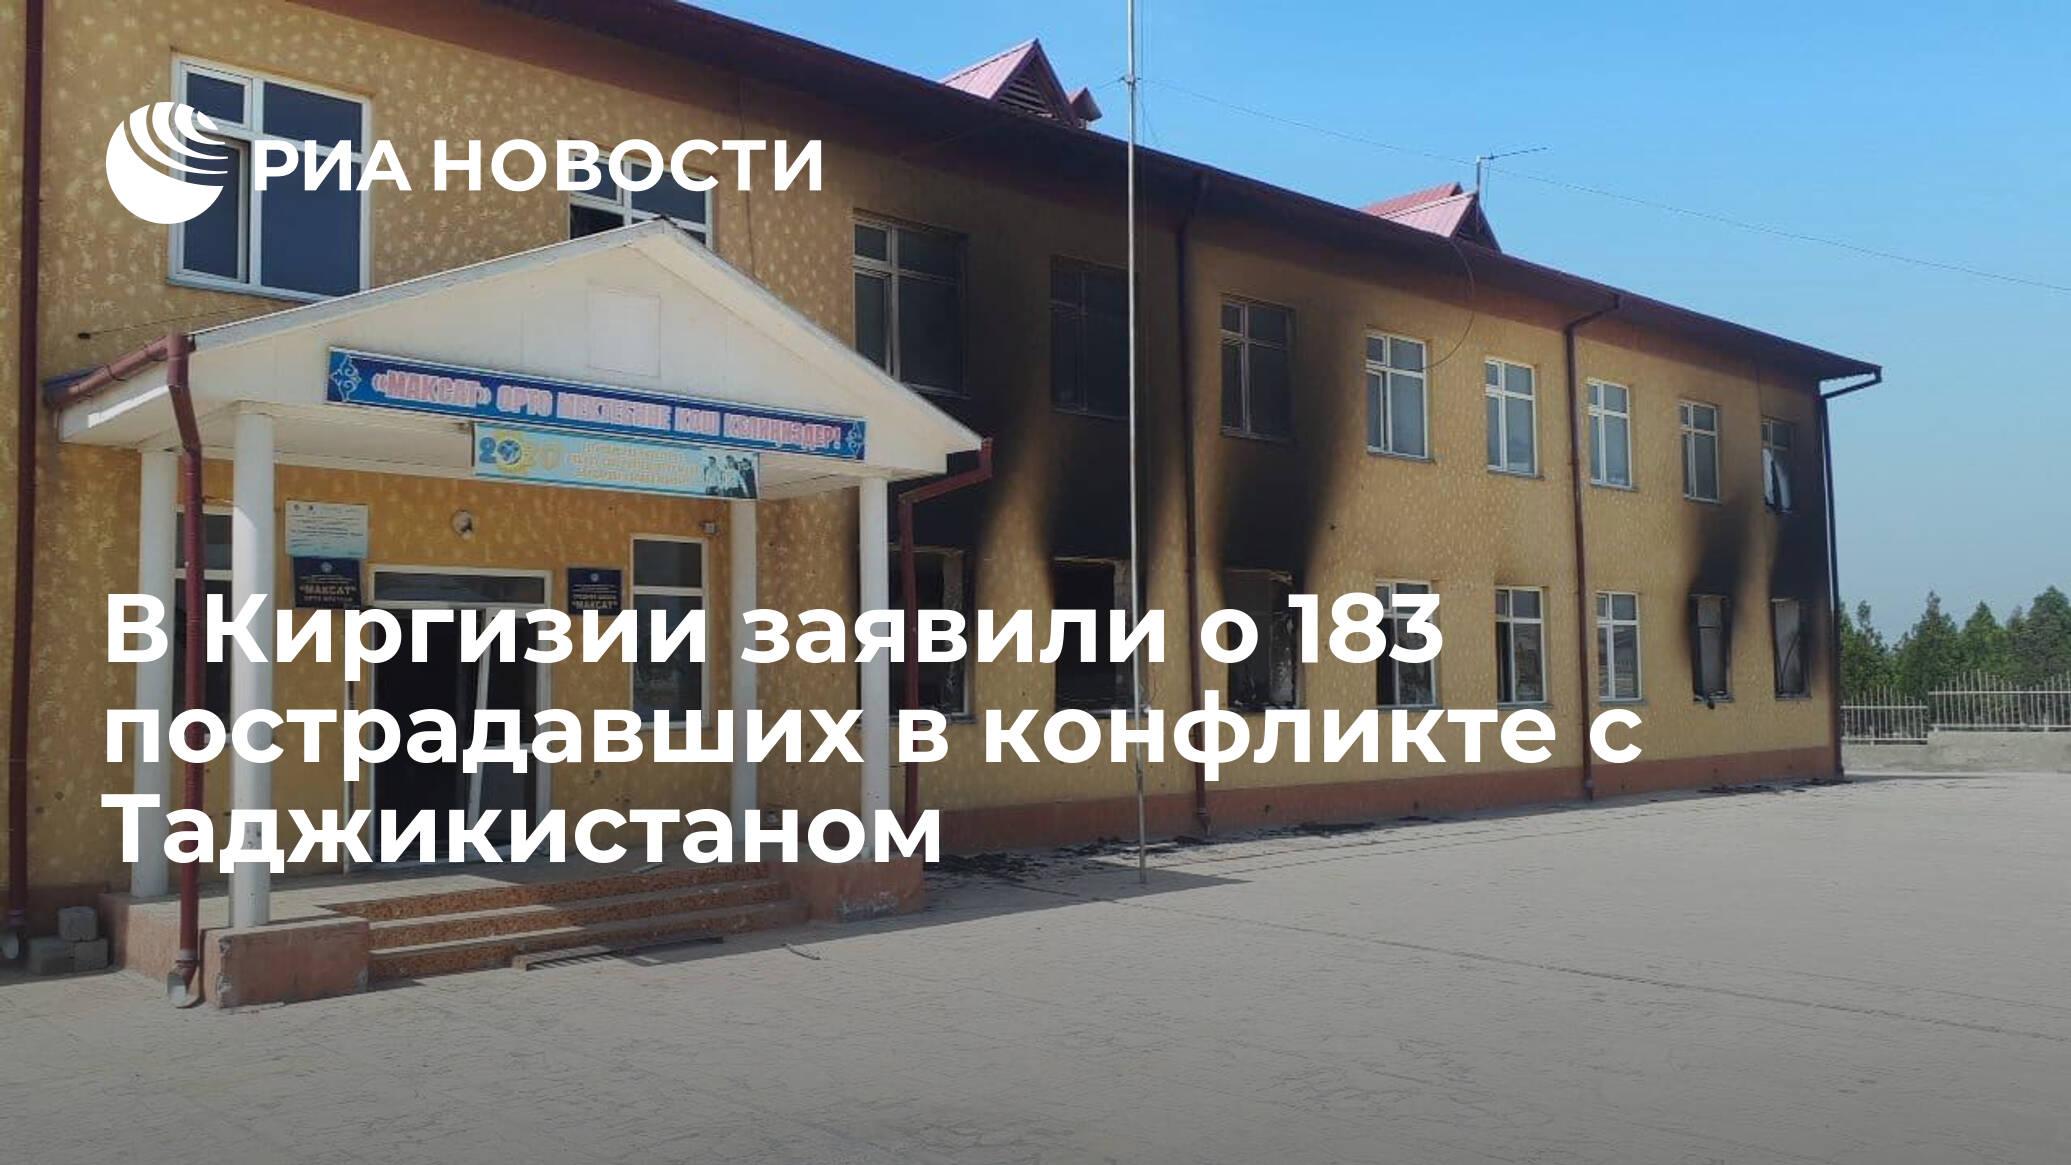 В Киргизии заявили о 183 пострадавших в конфликте с Таджикистаном